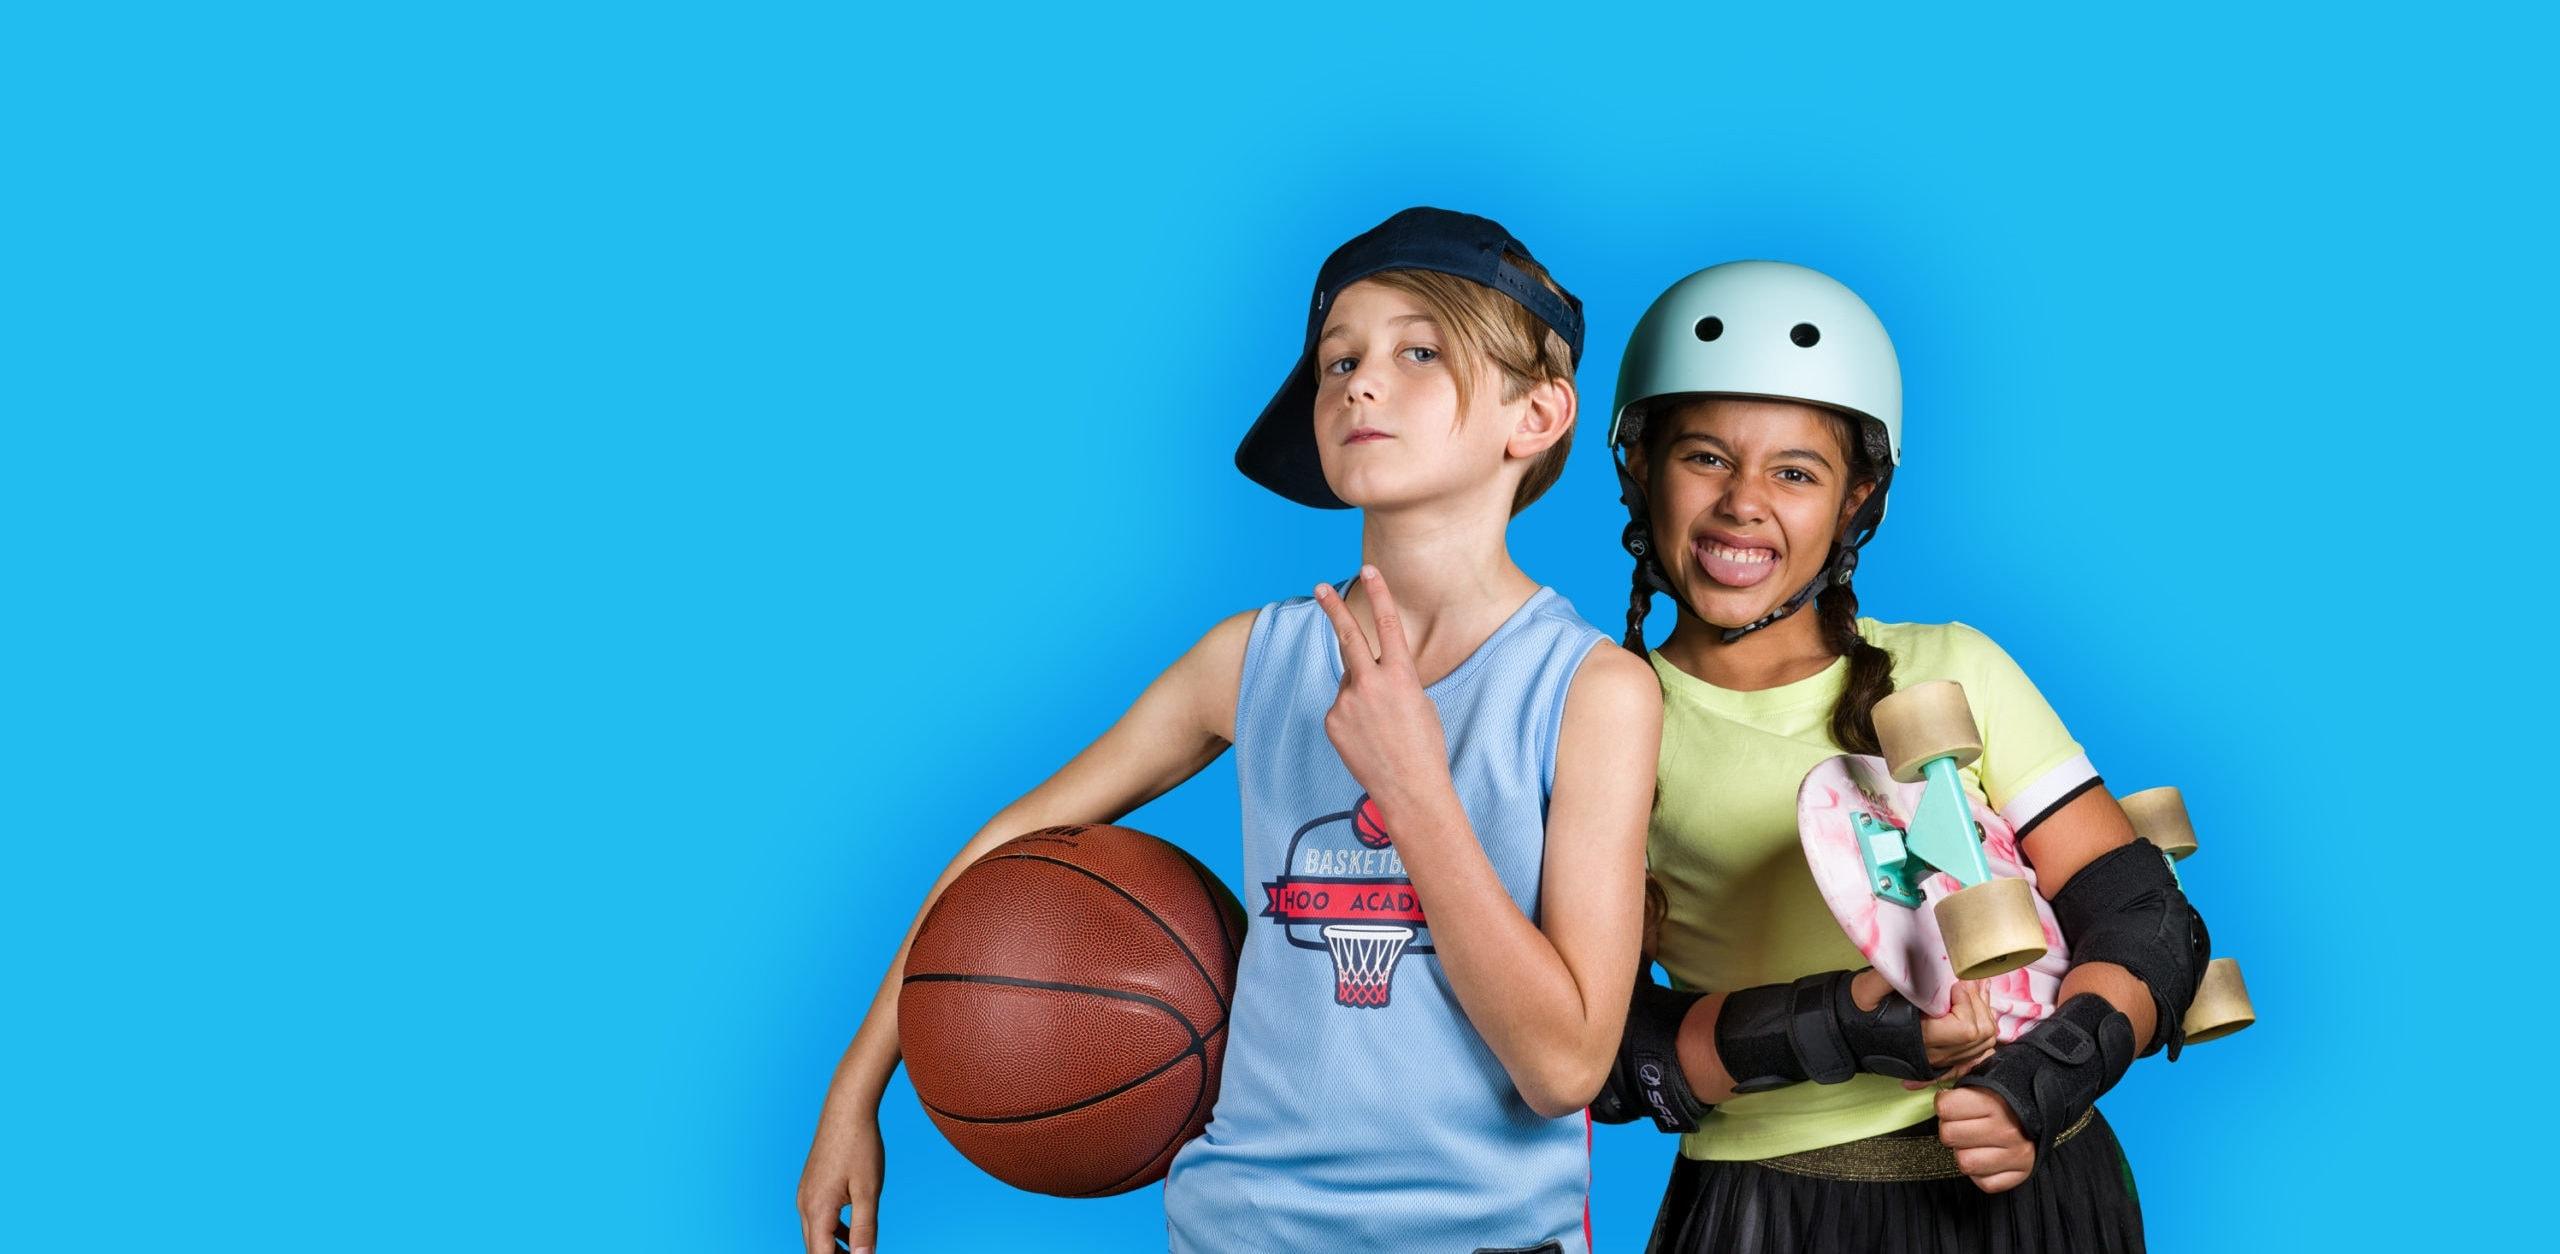 Ein Junge in einem Basketballoutfit und ein Mädchen mit einem Skateboard